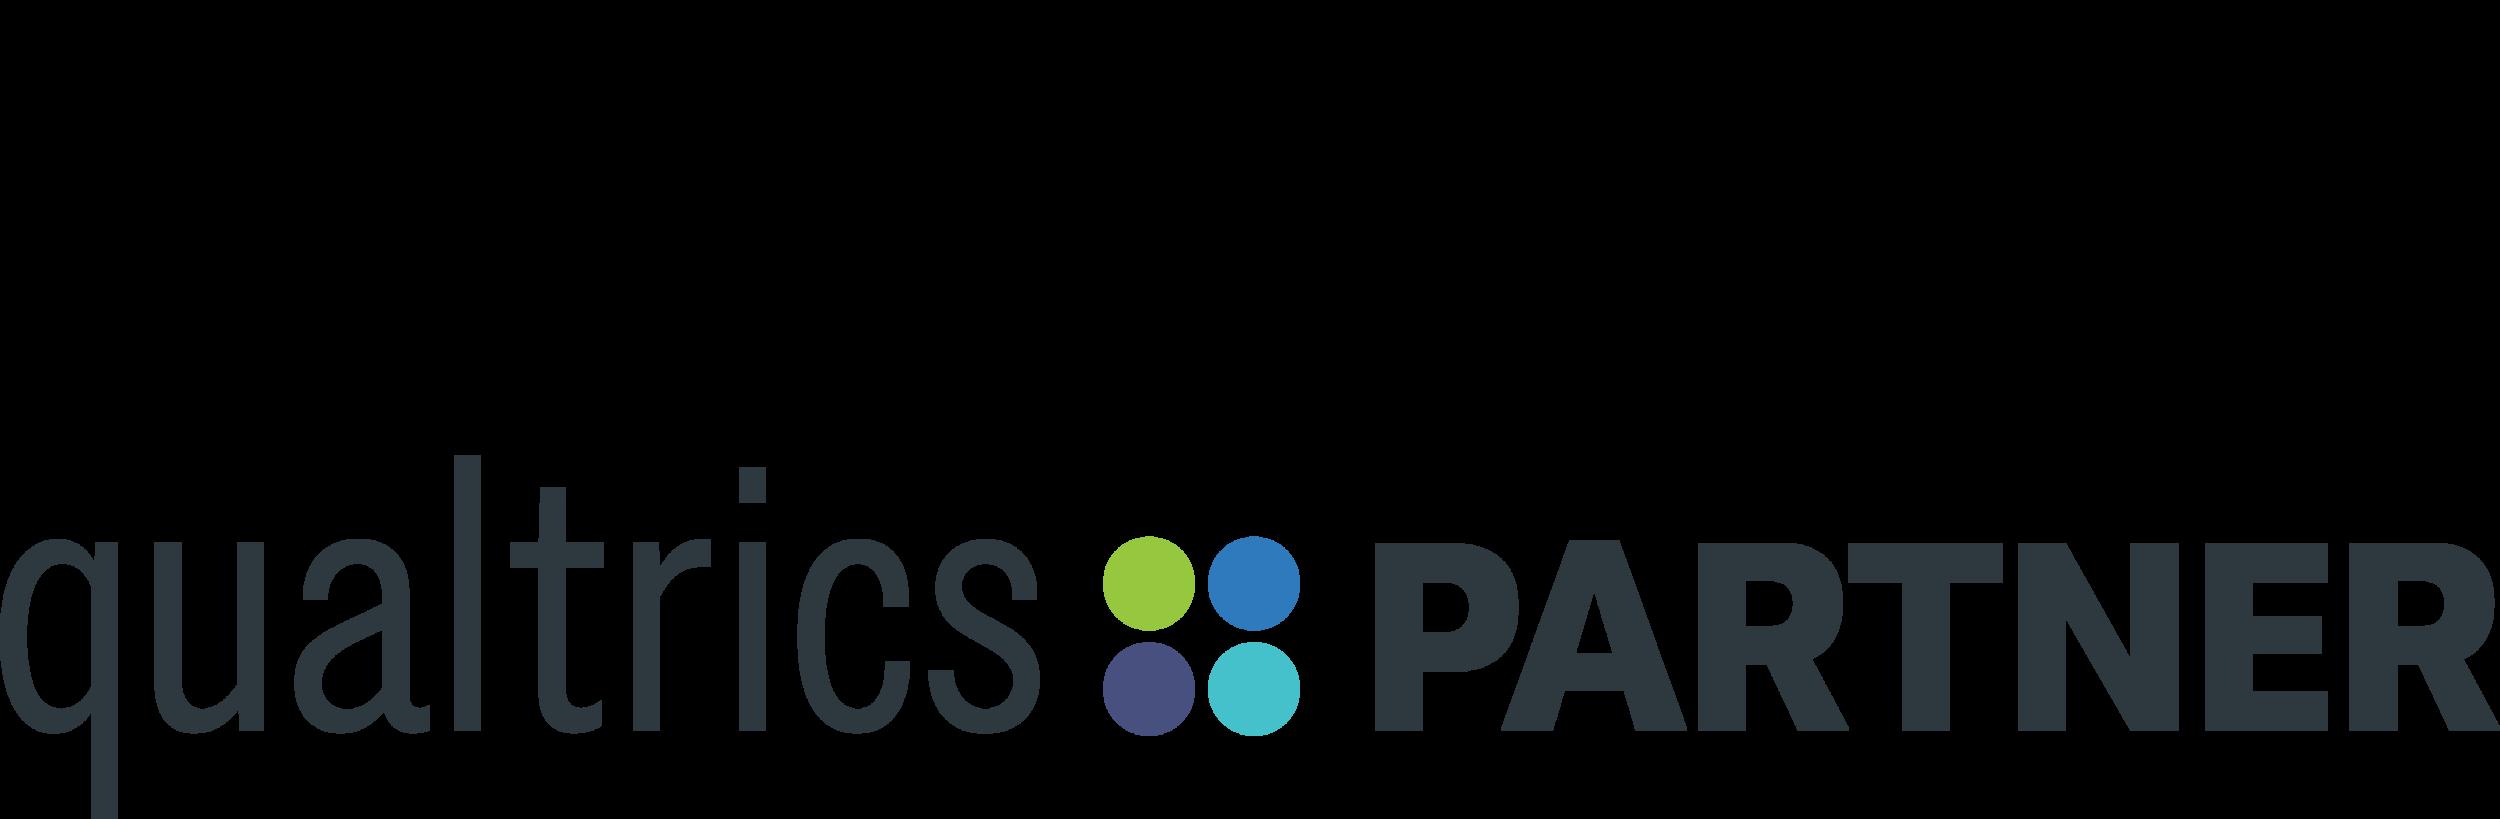 q_partner_large (2).png